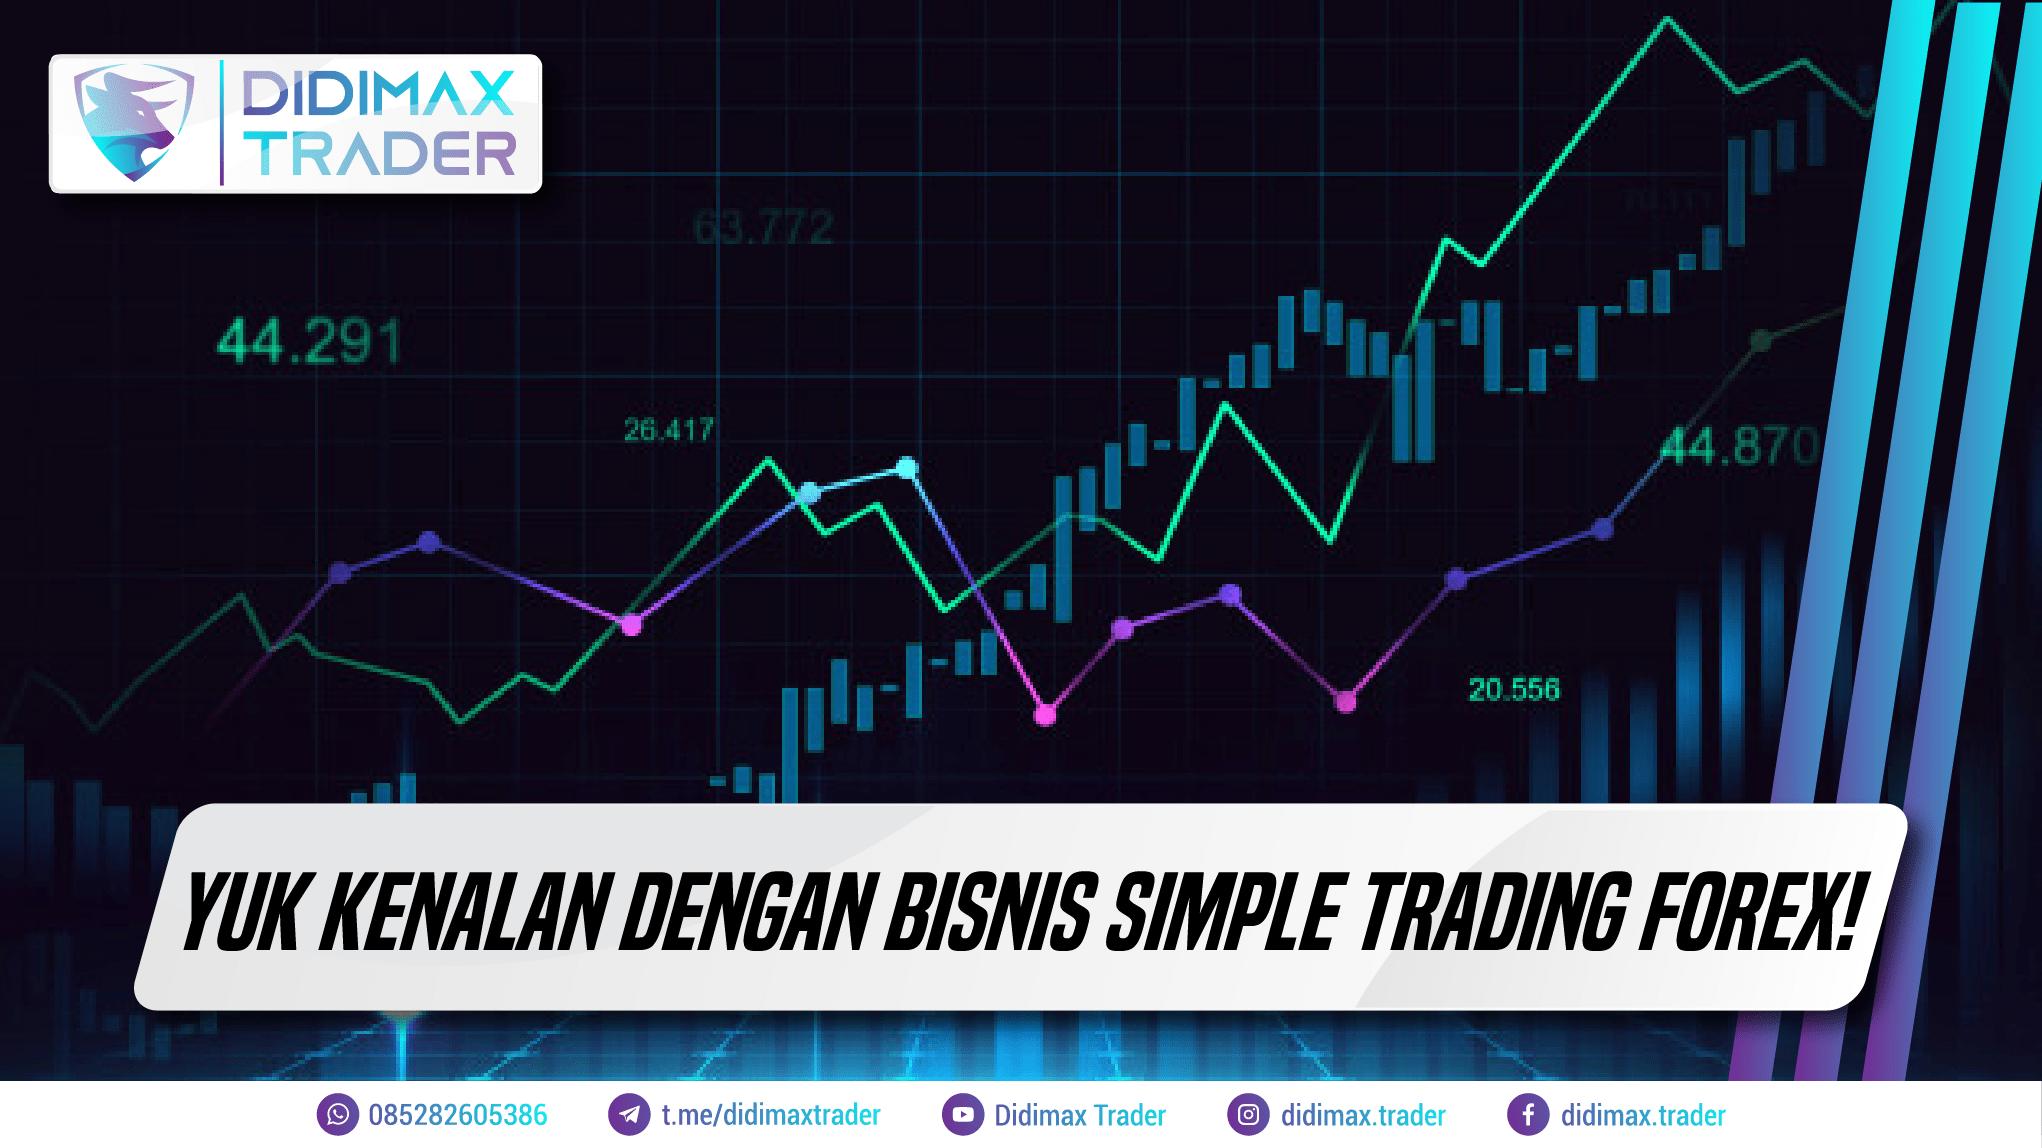 Yuk Kenalan Dengan Bisnis Simple Trading Forex!